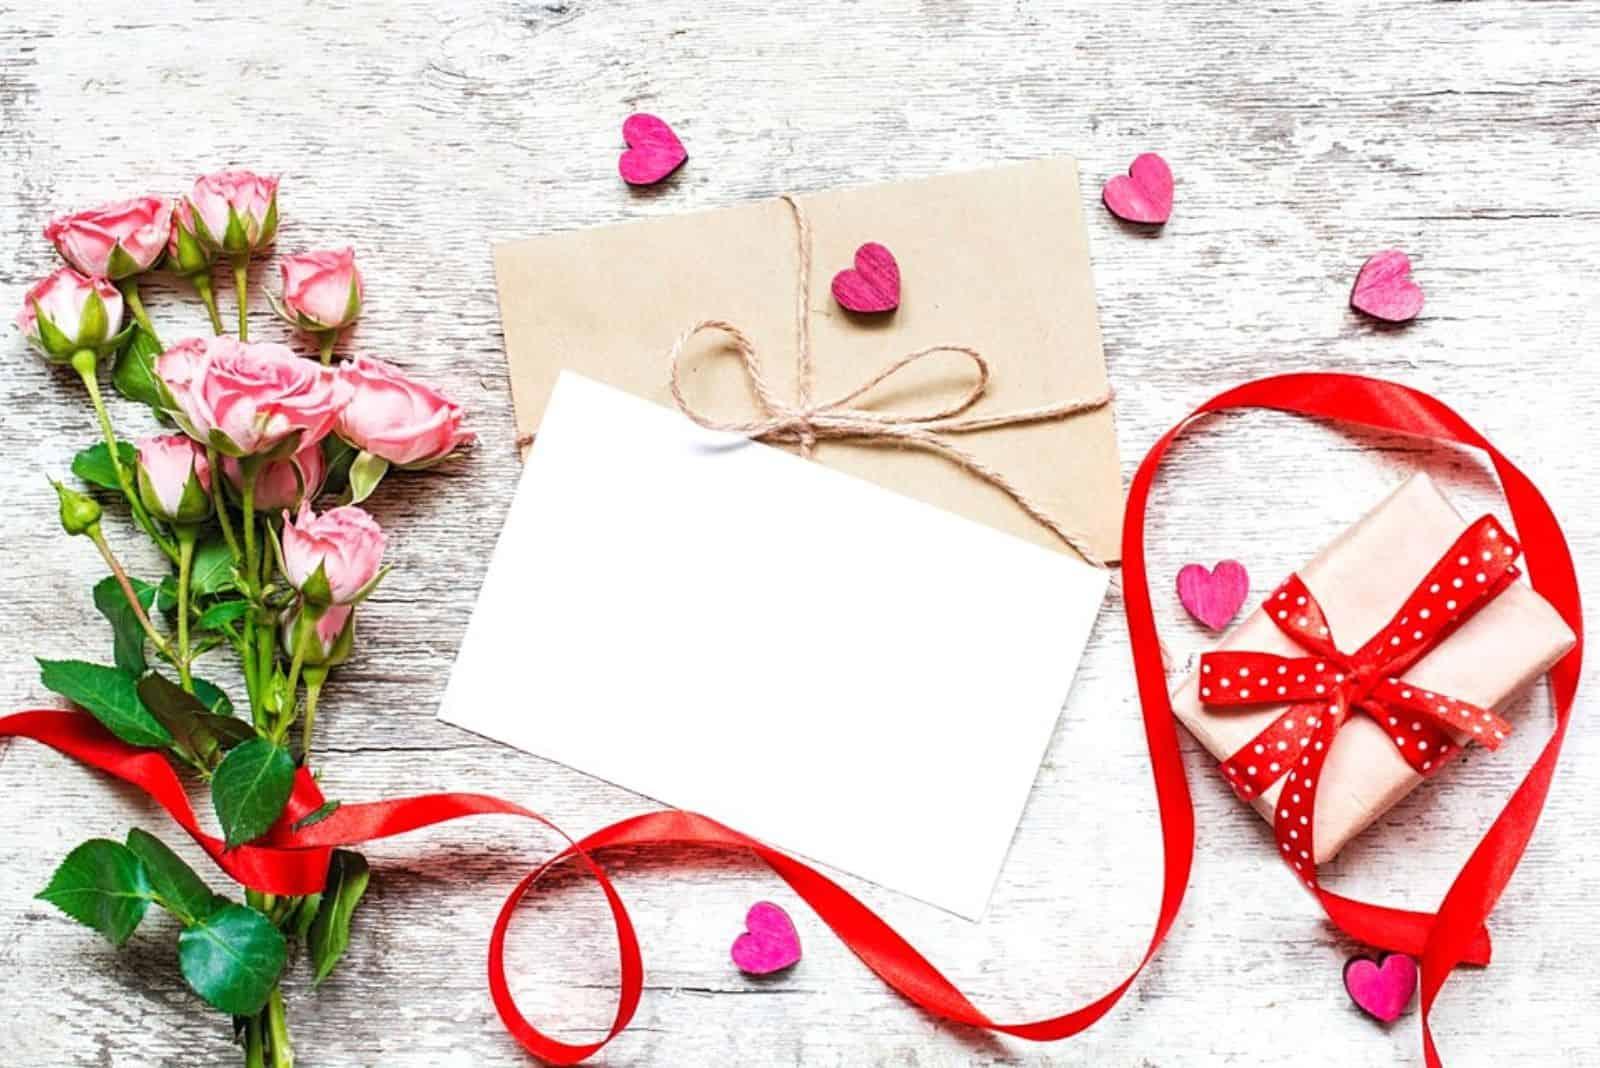 Geschenk Grußkarte Brief und Rosen auf dem Tisch